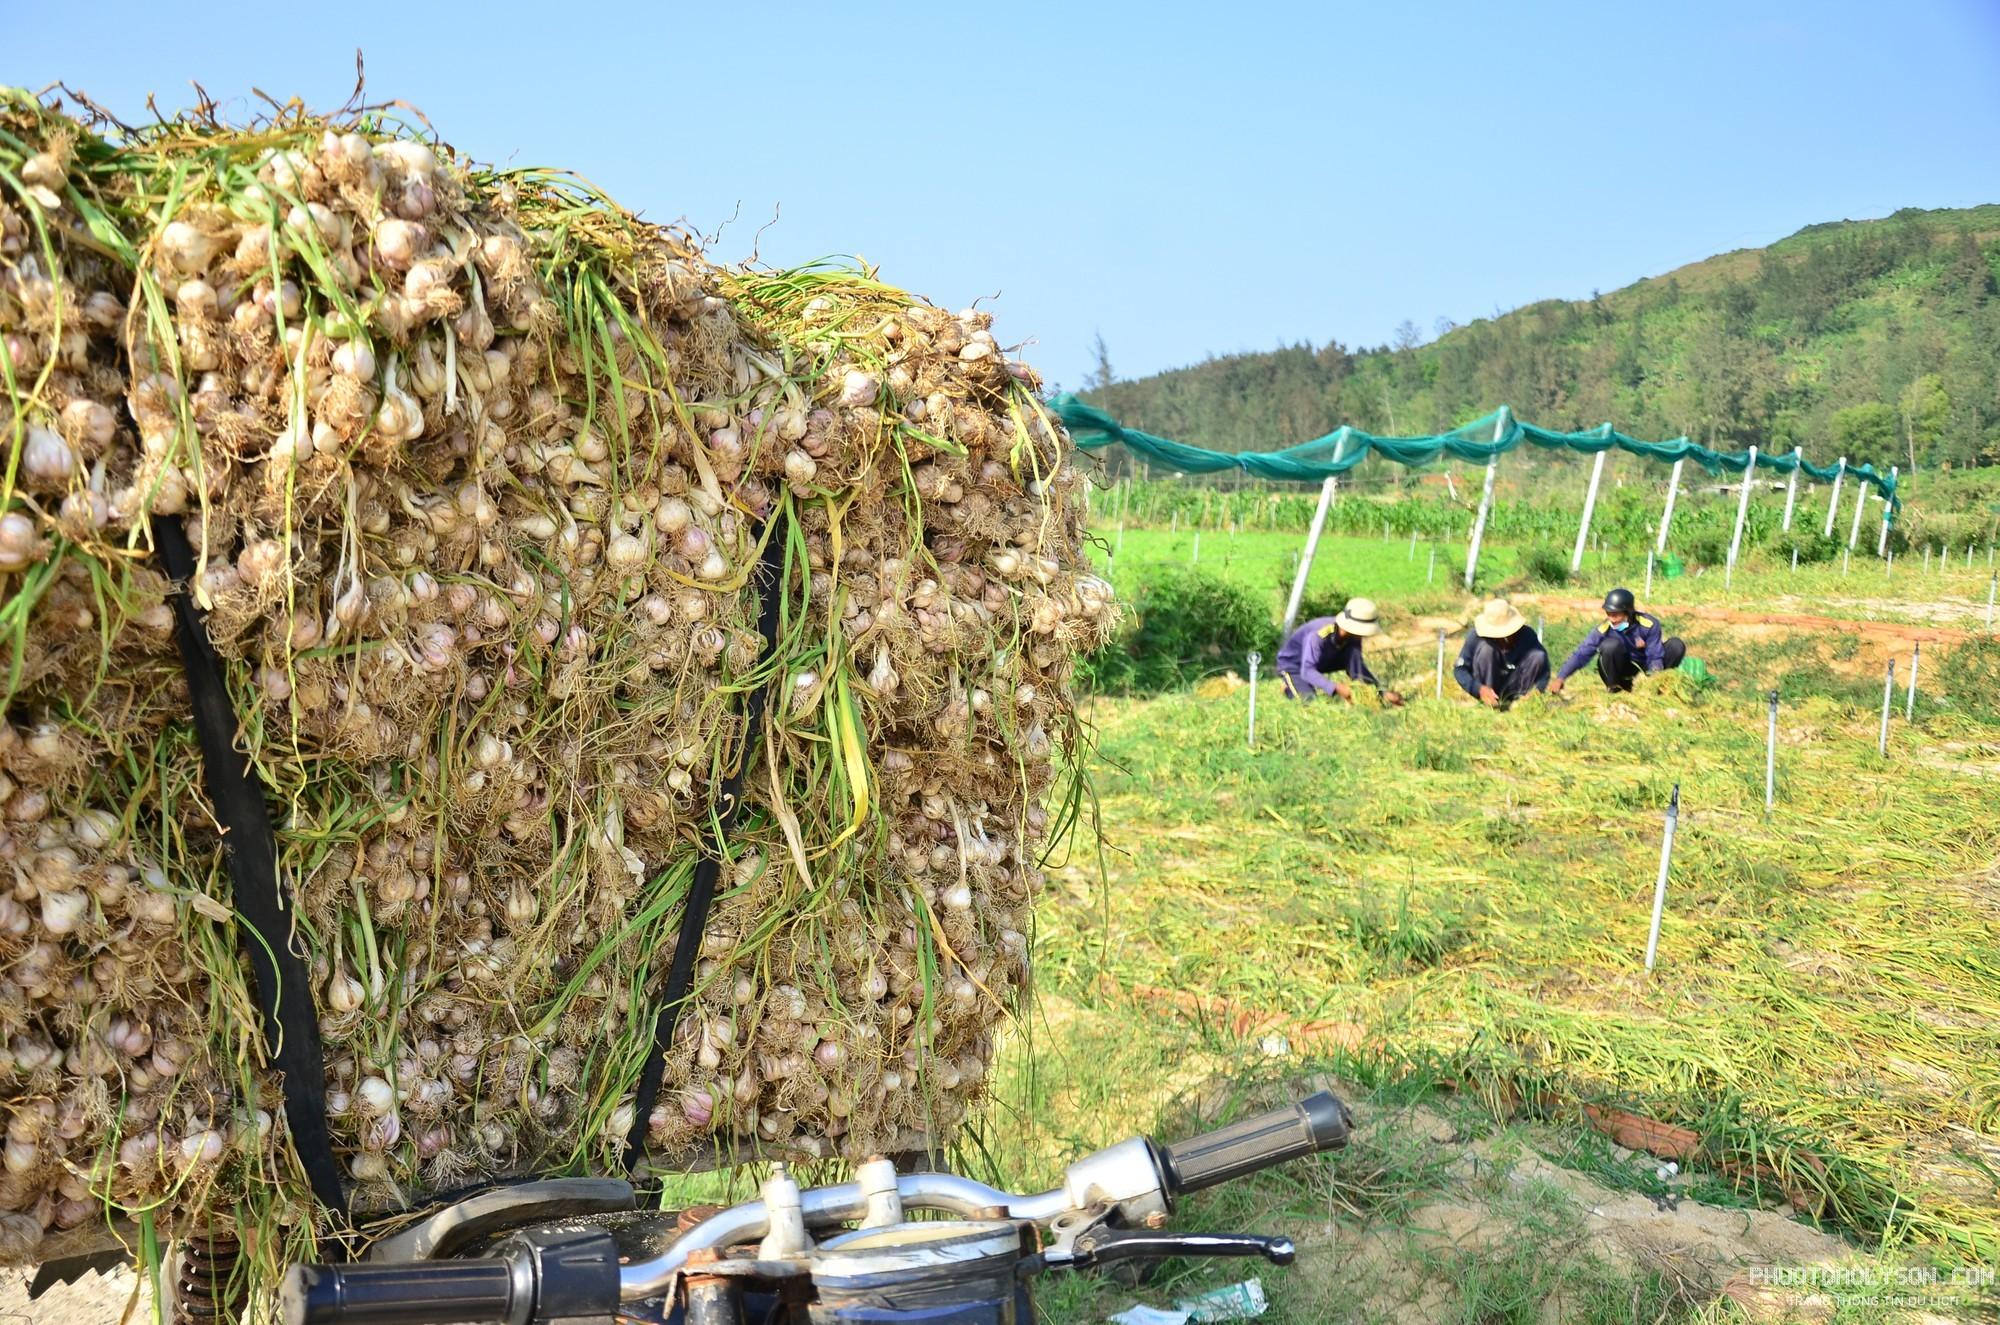 Theo thống kê của UBND huyện Lý Sơn, tổng sản lượng tỏi tươi trong vụ này lên đến 2.000 tấn, tương đương 1.500 - 1.600 tấn tỏi khô